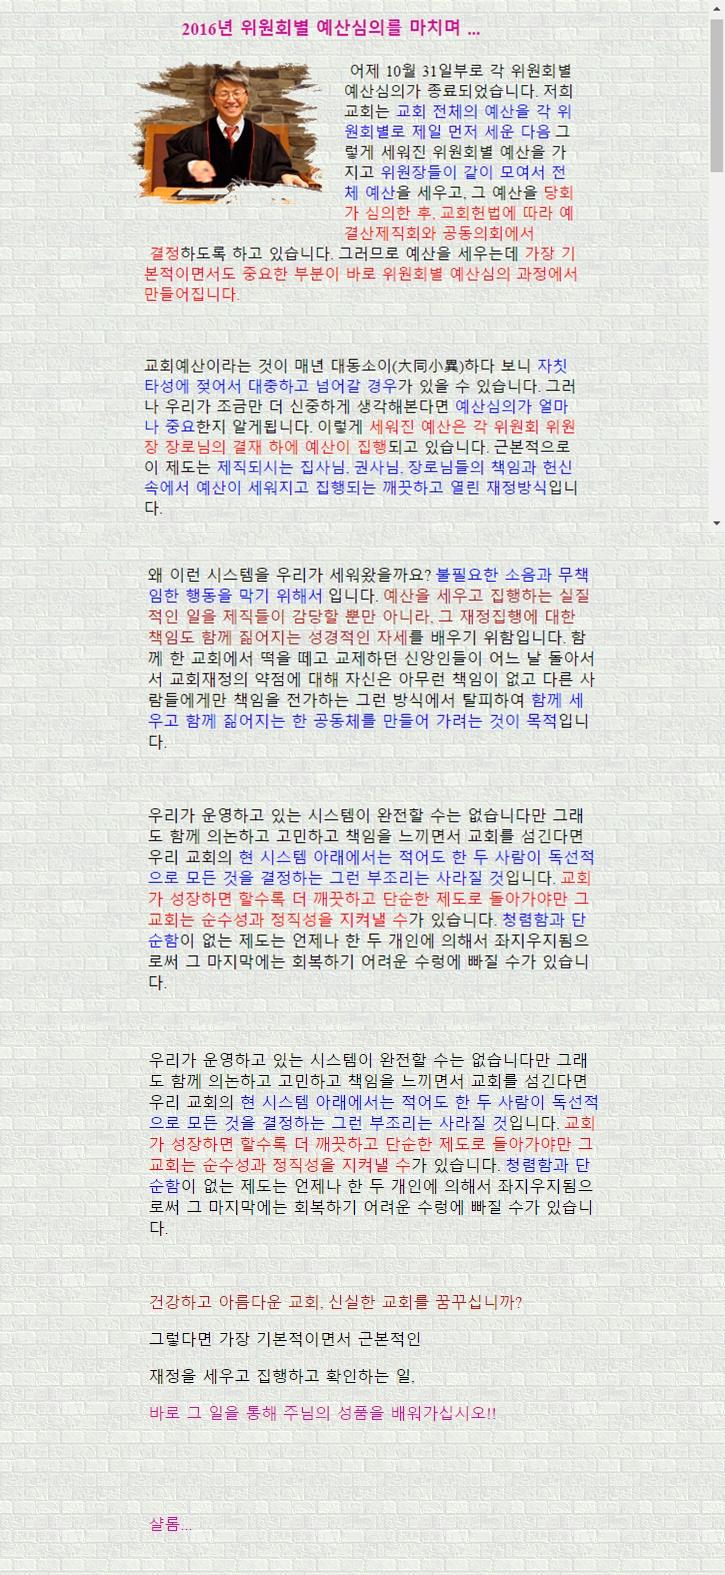 2016년 위원회별 예산심의를 마치며 ....jpg